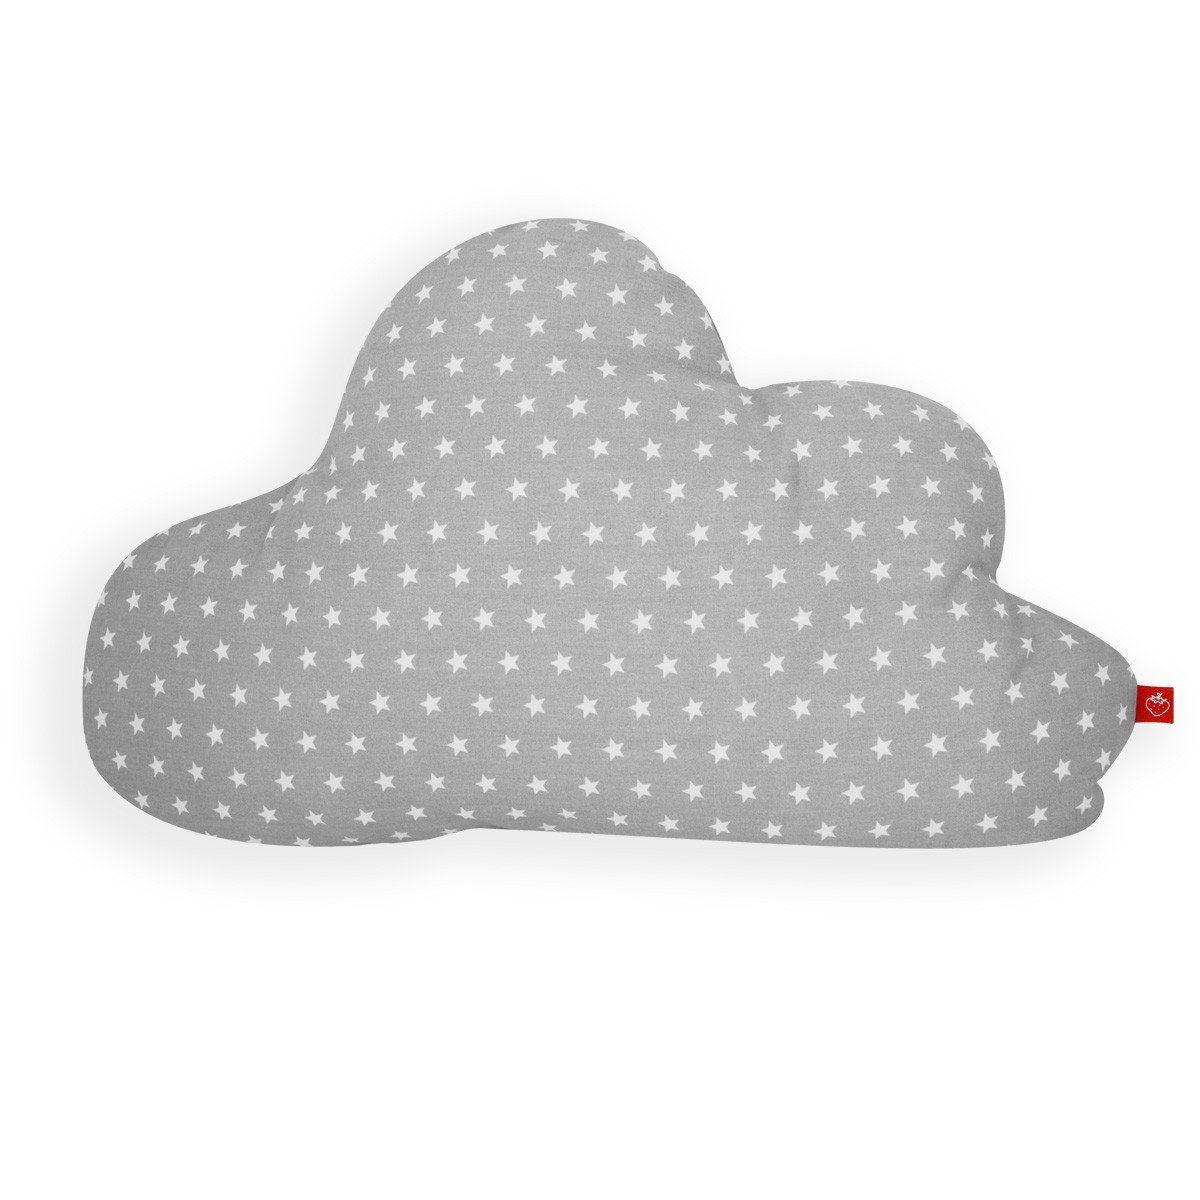 grau mit wei/ßen Sternen Antoine La Fraise Rouge 4251005602706 Kissen Wolke//Geburtsgeschenk